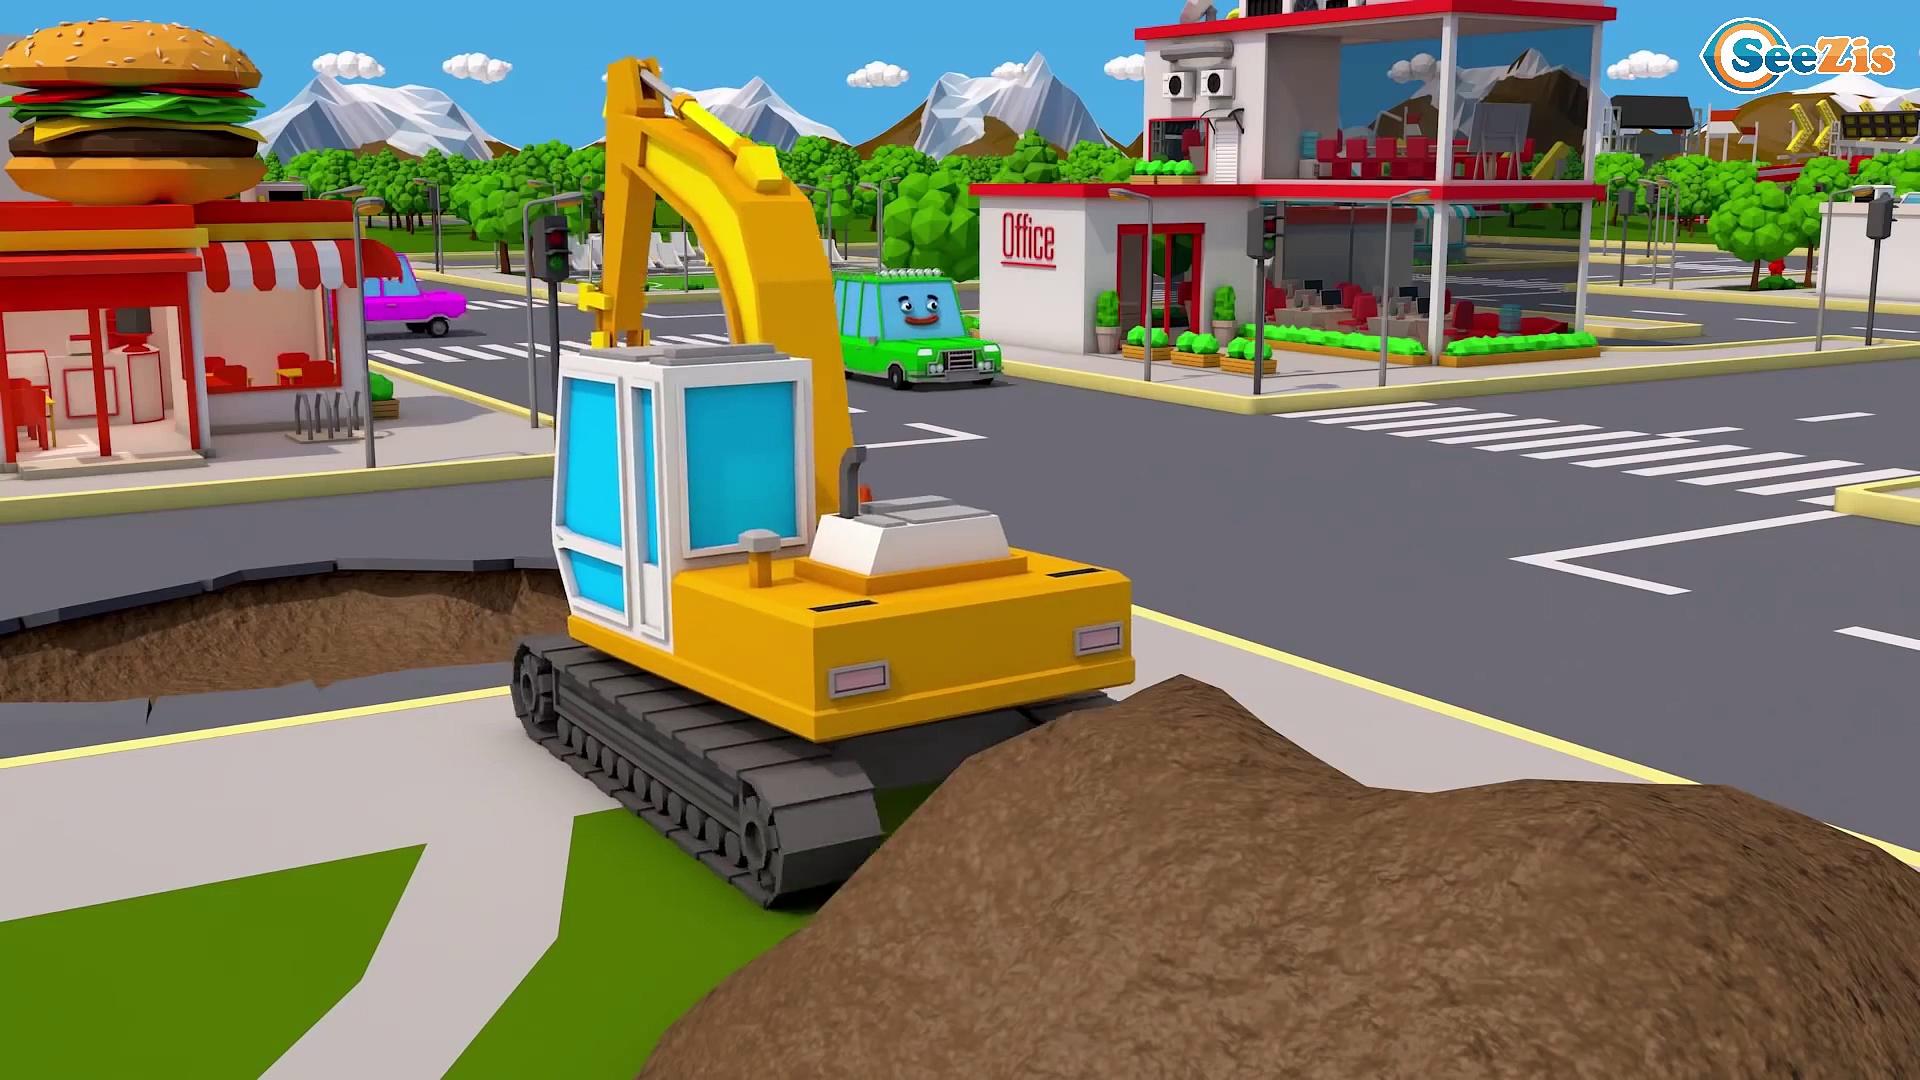 Super Truck and Monster Truck in Trucks City 3D Animation   Trucks Cartoon for kids Trucks Stories